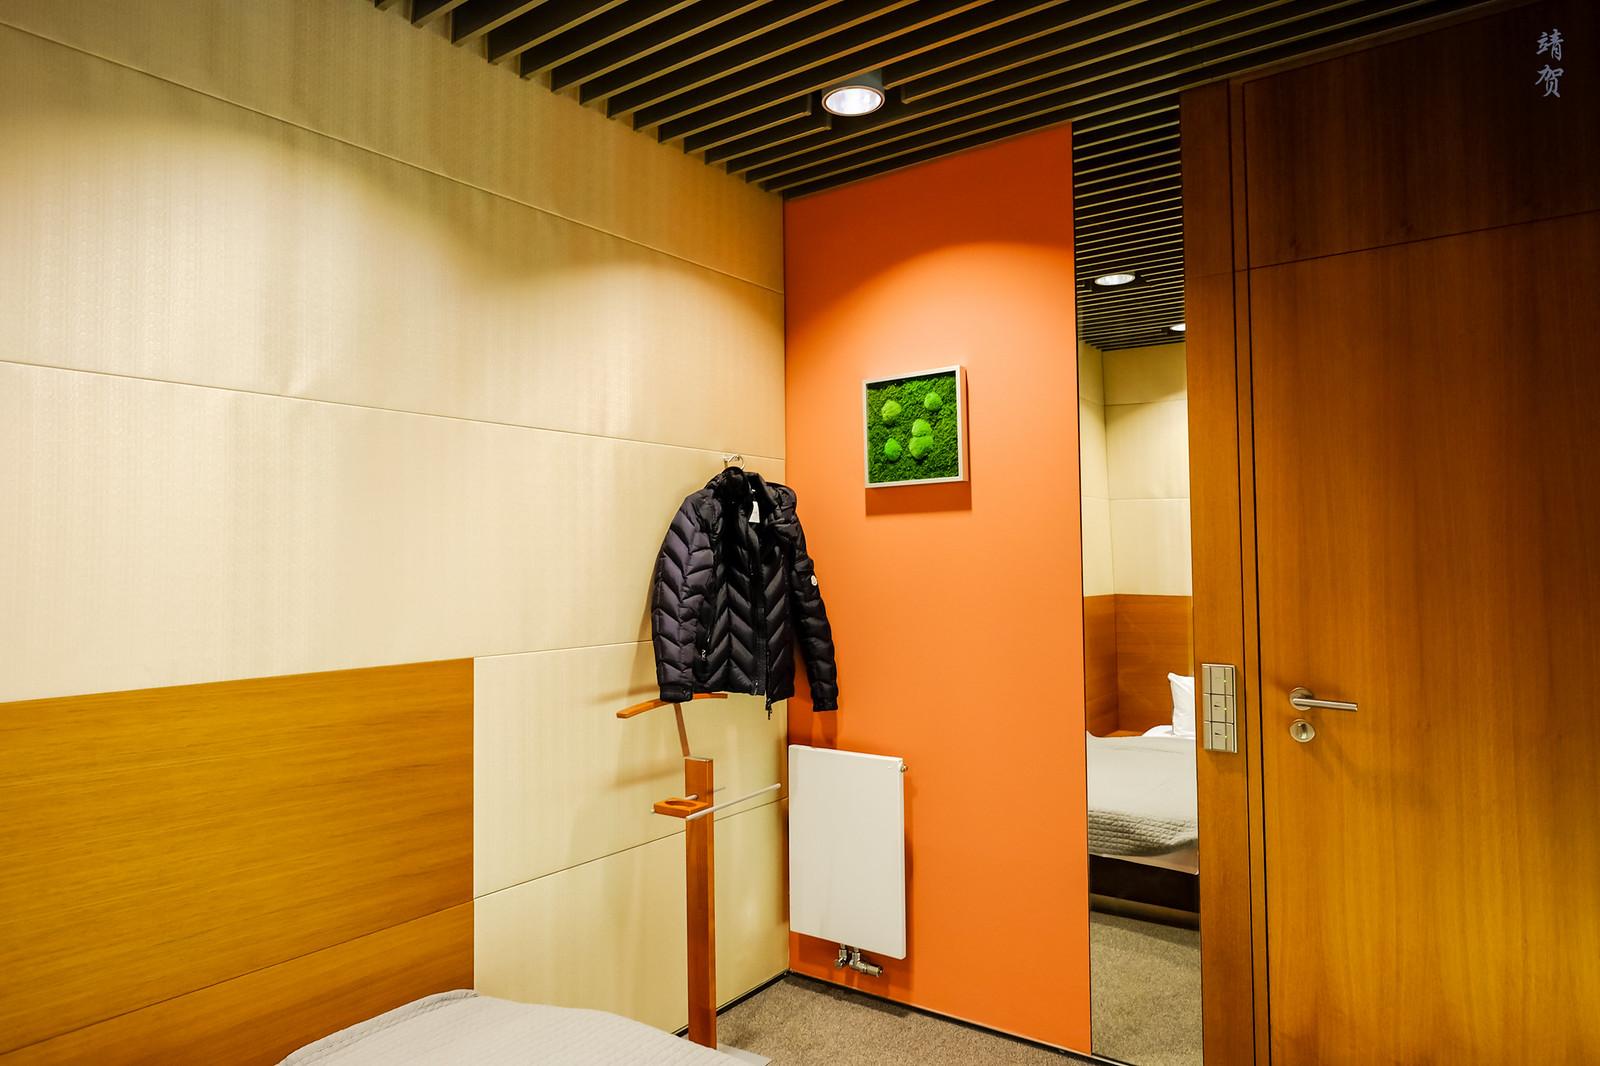 Coat hanger in the nap room